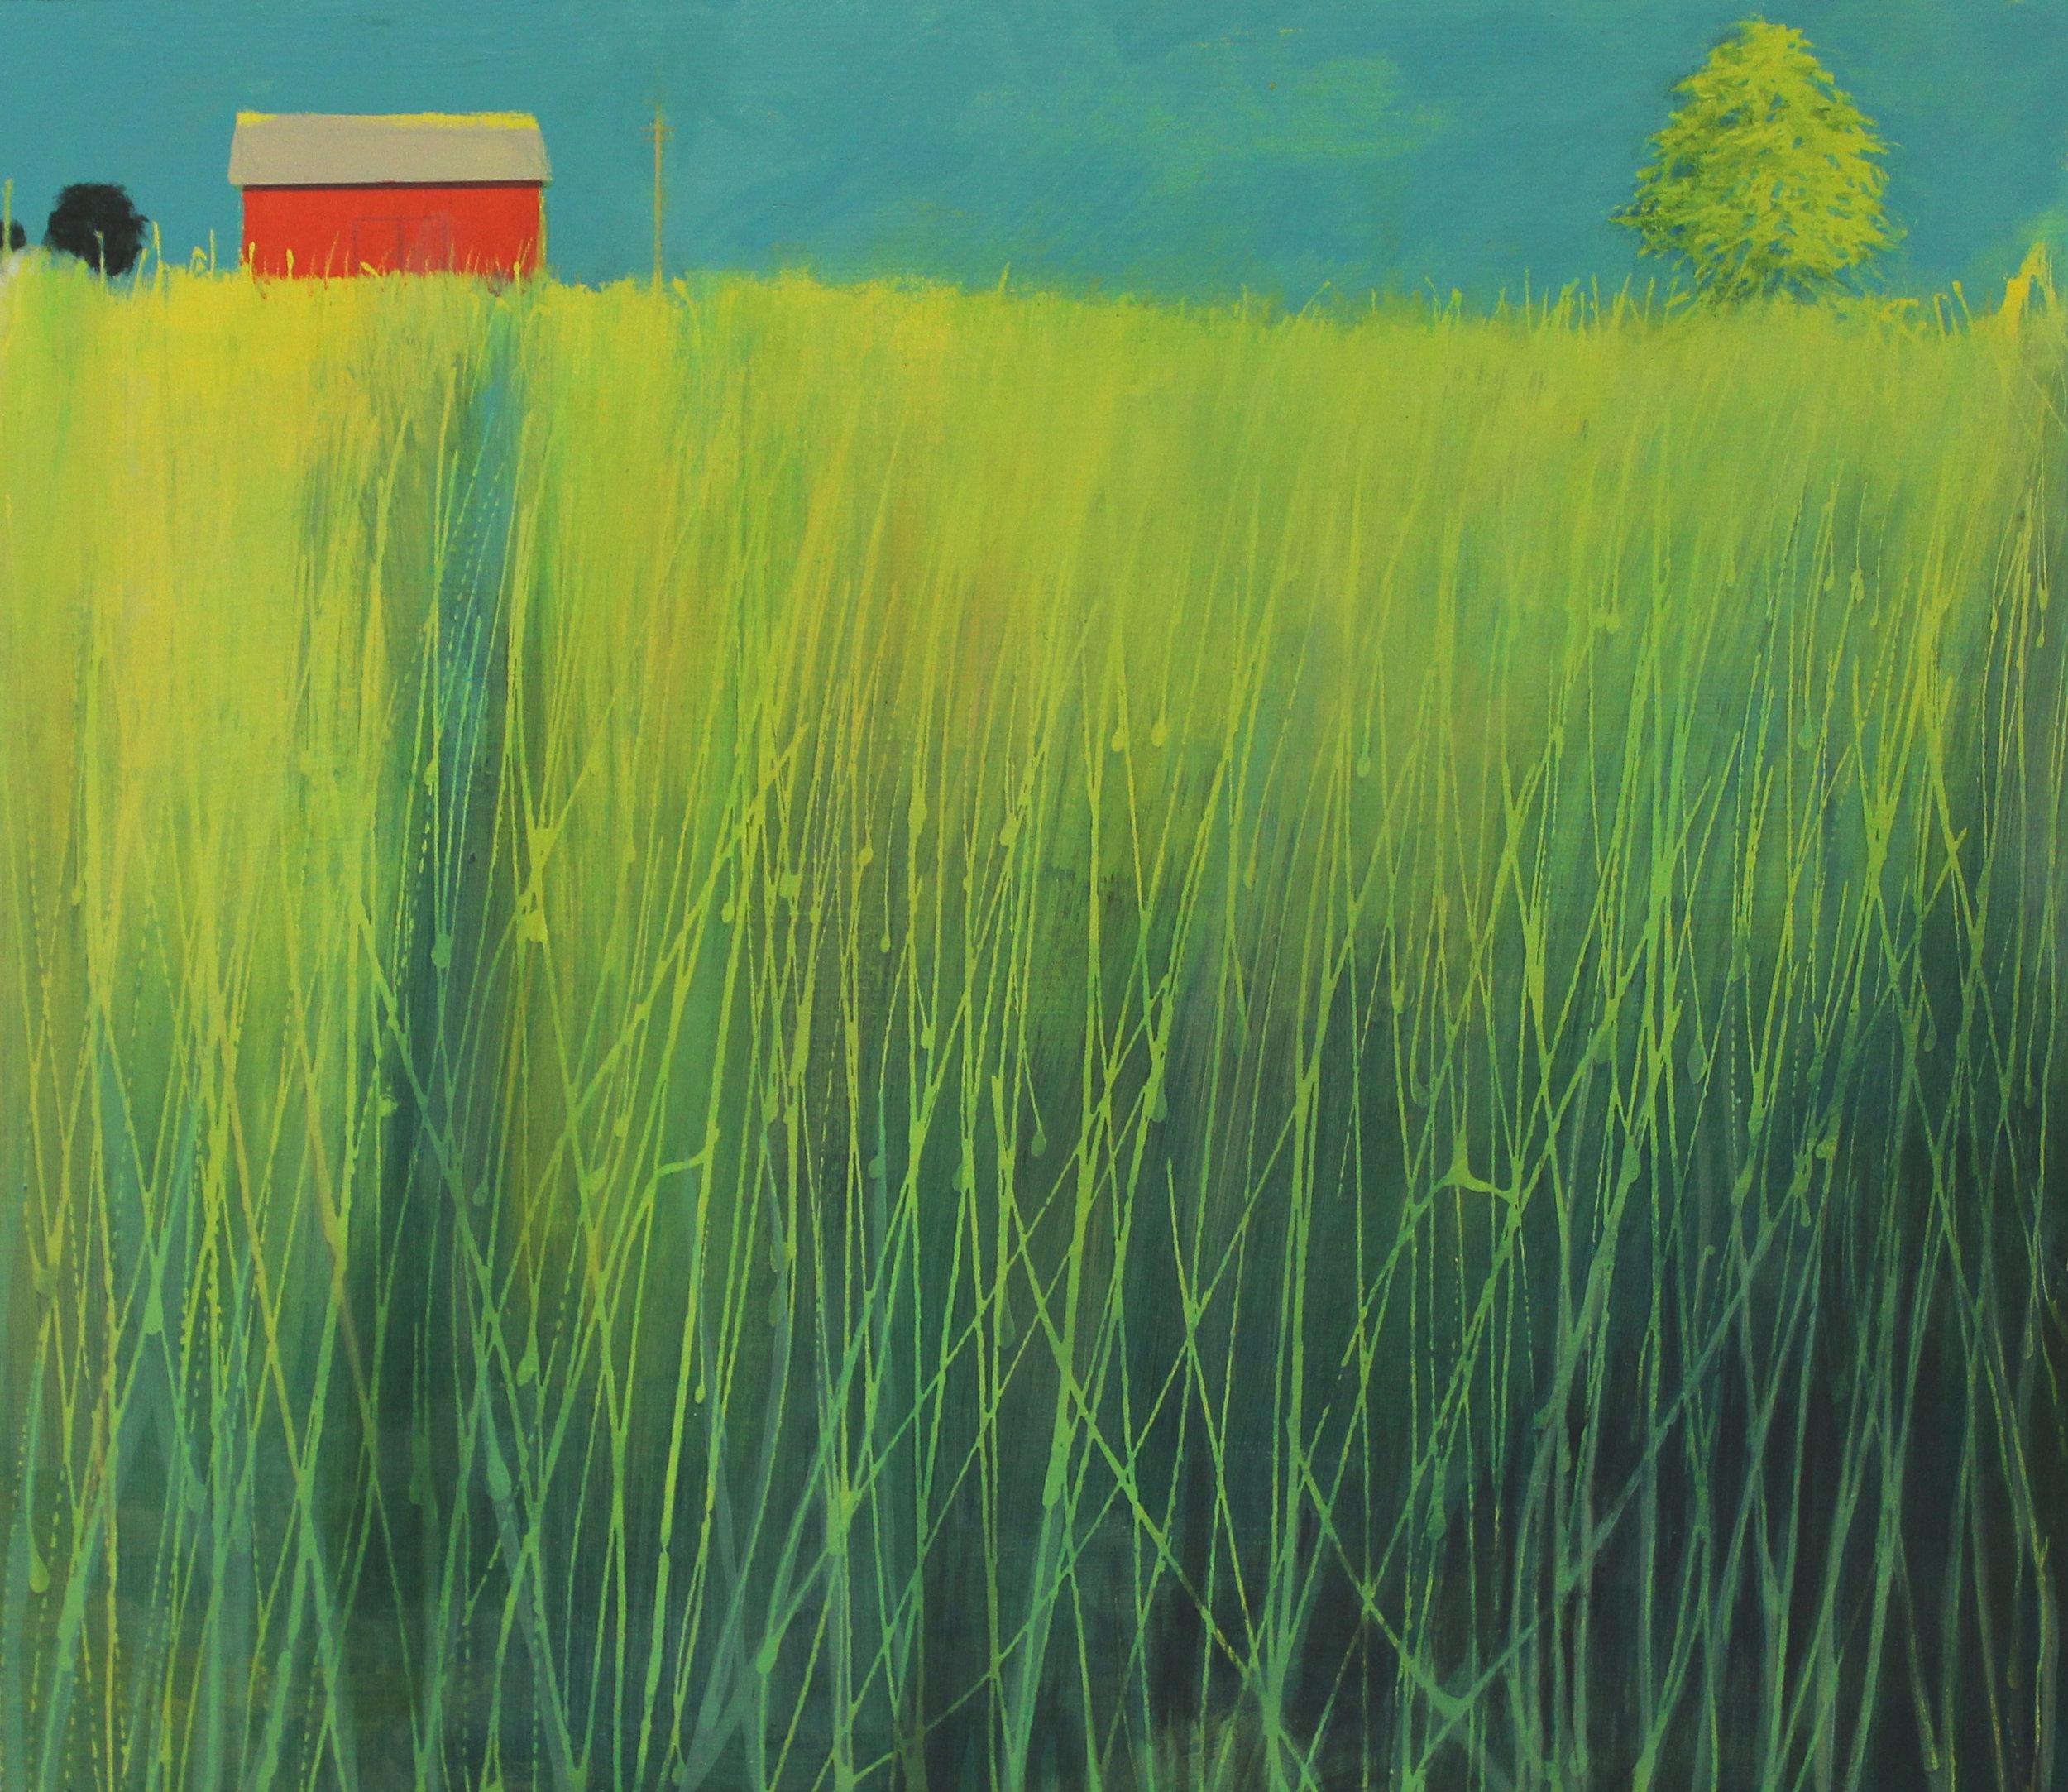 WEB-Path-through-the-meadow,-Cornwall-2016-acrylic-on-board-47x40.5-cm.jpg